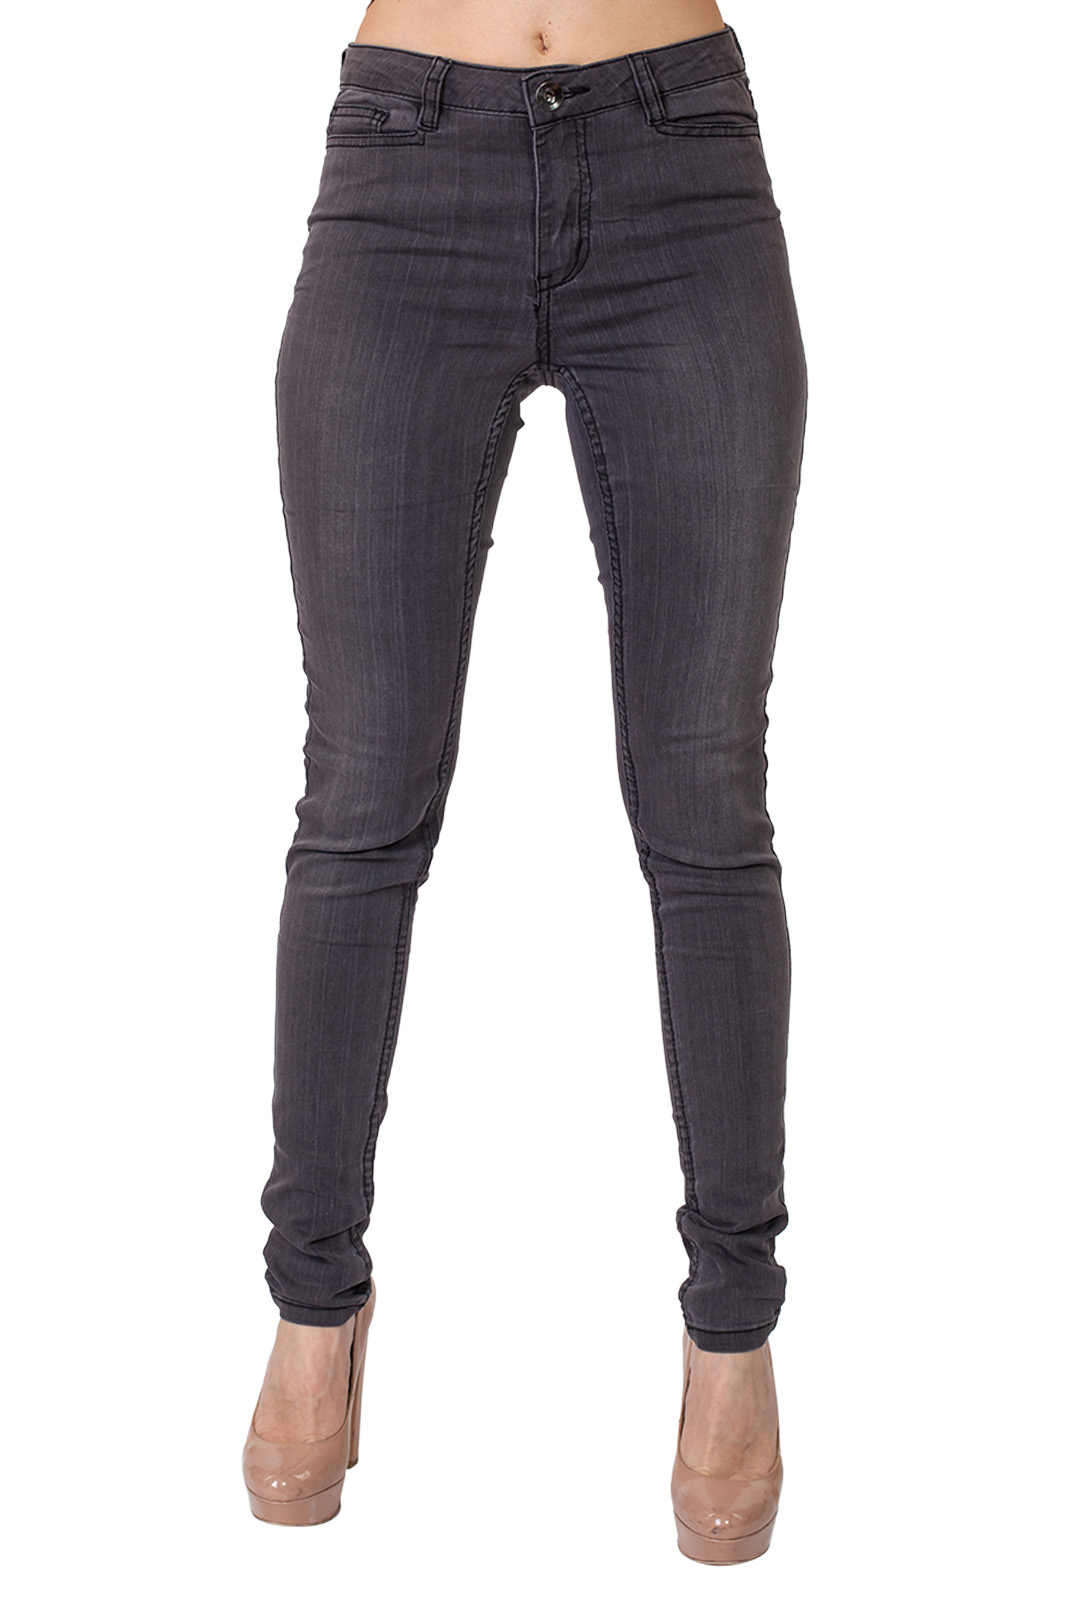 Купить в интернет магазине женские джинсы в обтяжку